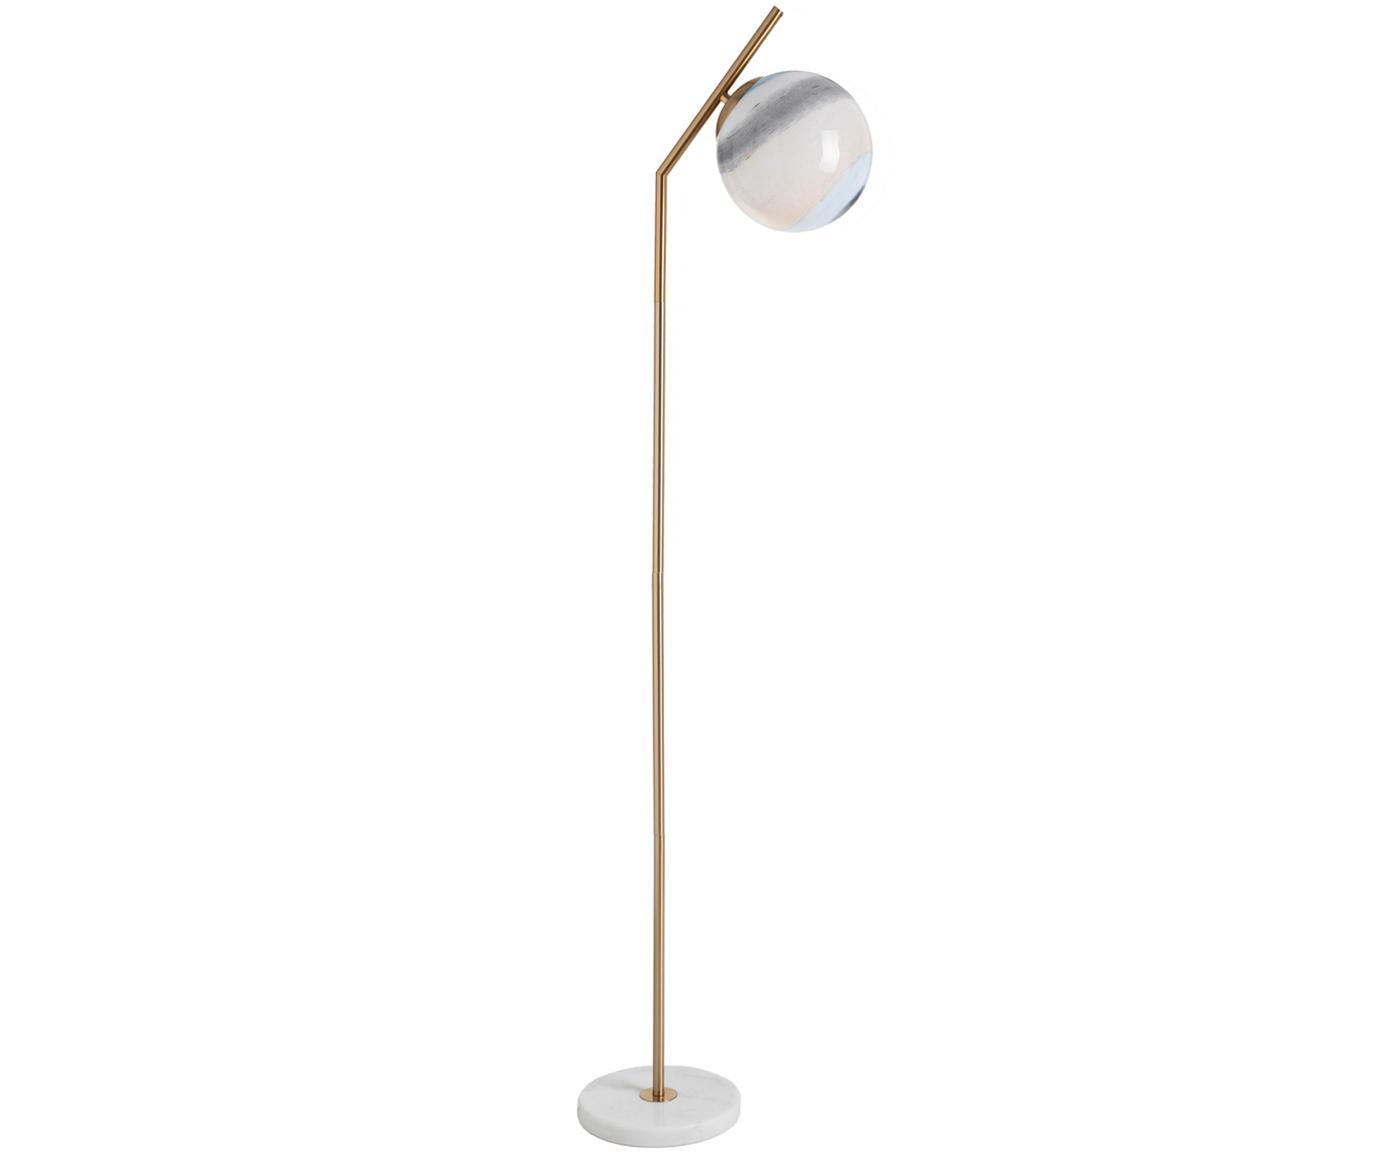 Lampa podłogowa Opal, Srebrny, transparentnyny, Odcienie mosiądzu, biały, odcienie pastelowe, S 25 x W 144 cm